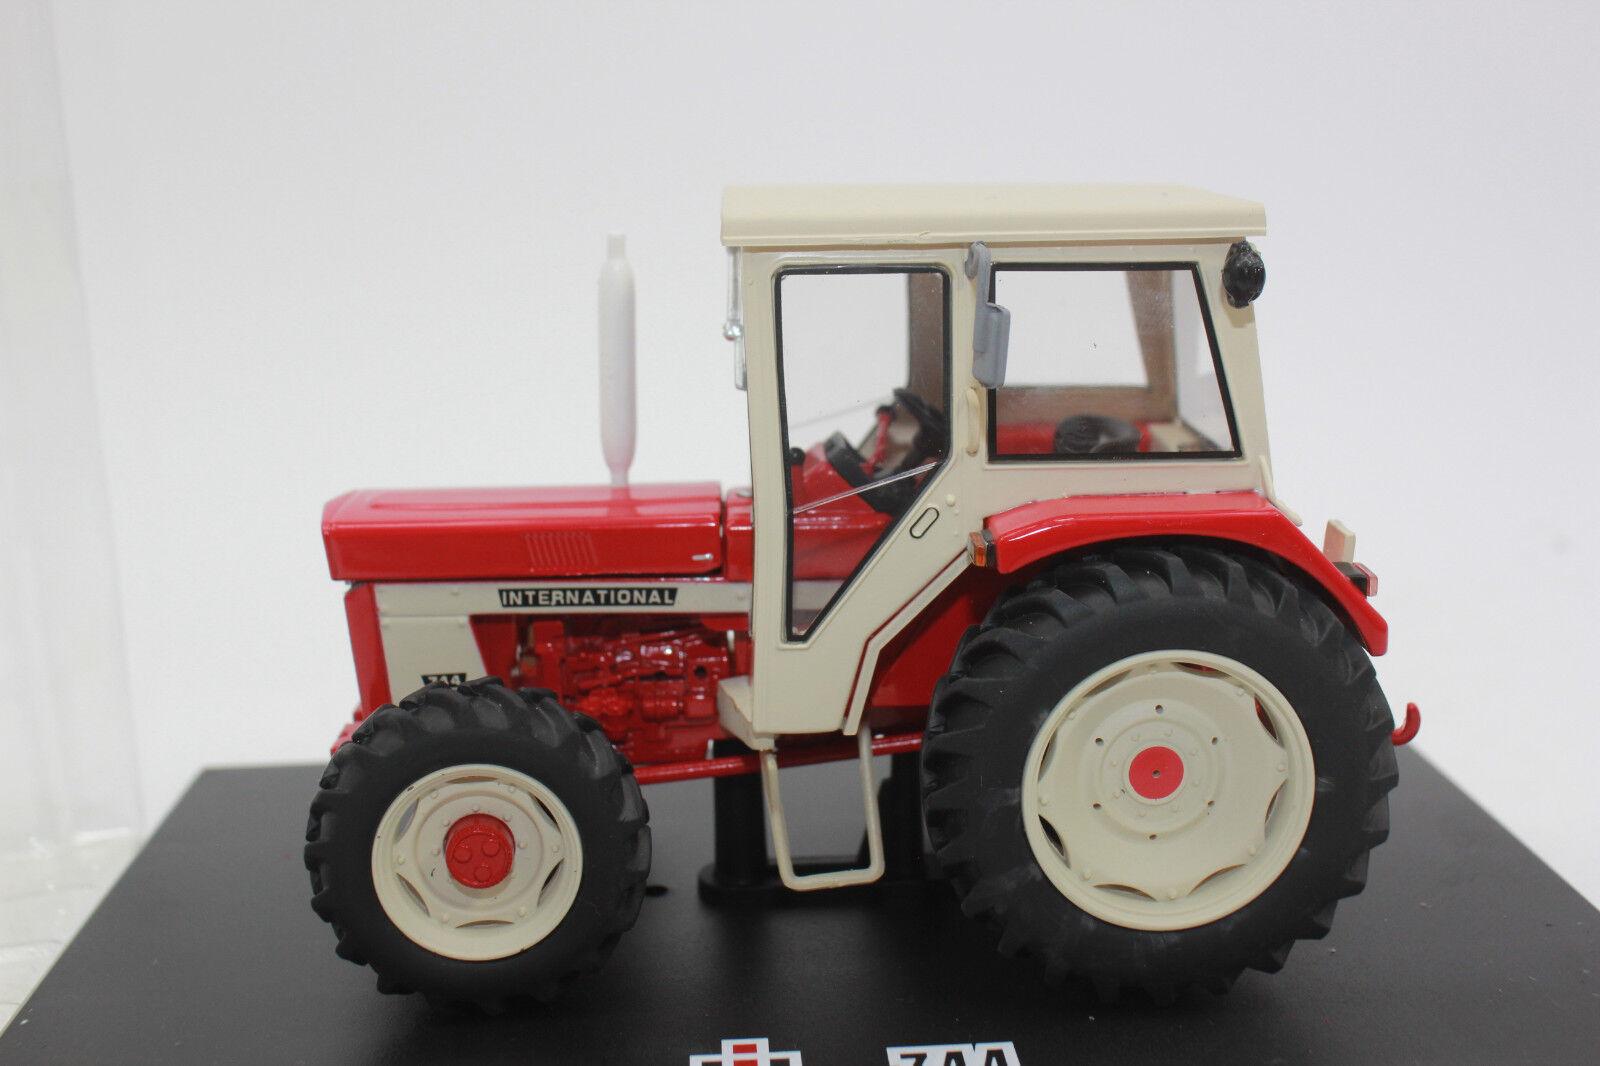 Repica Gri 171 IH International Tractor 744 med vit hytt 1 3 NY lådaED